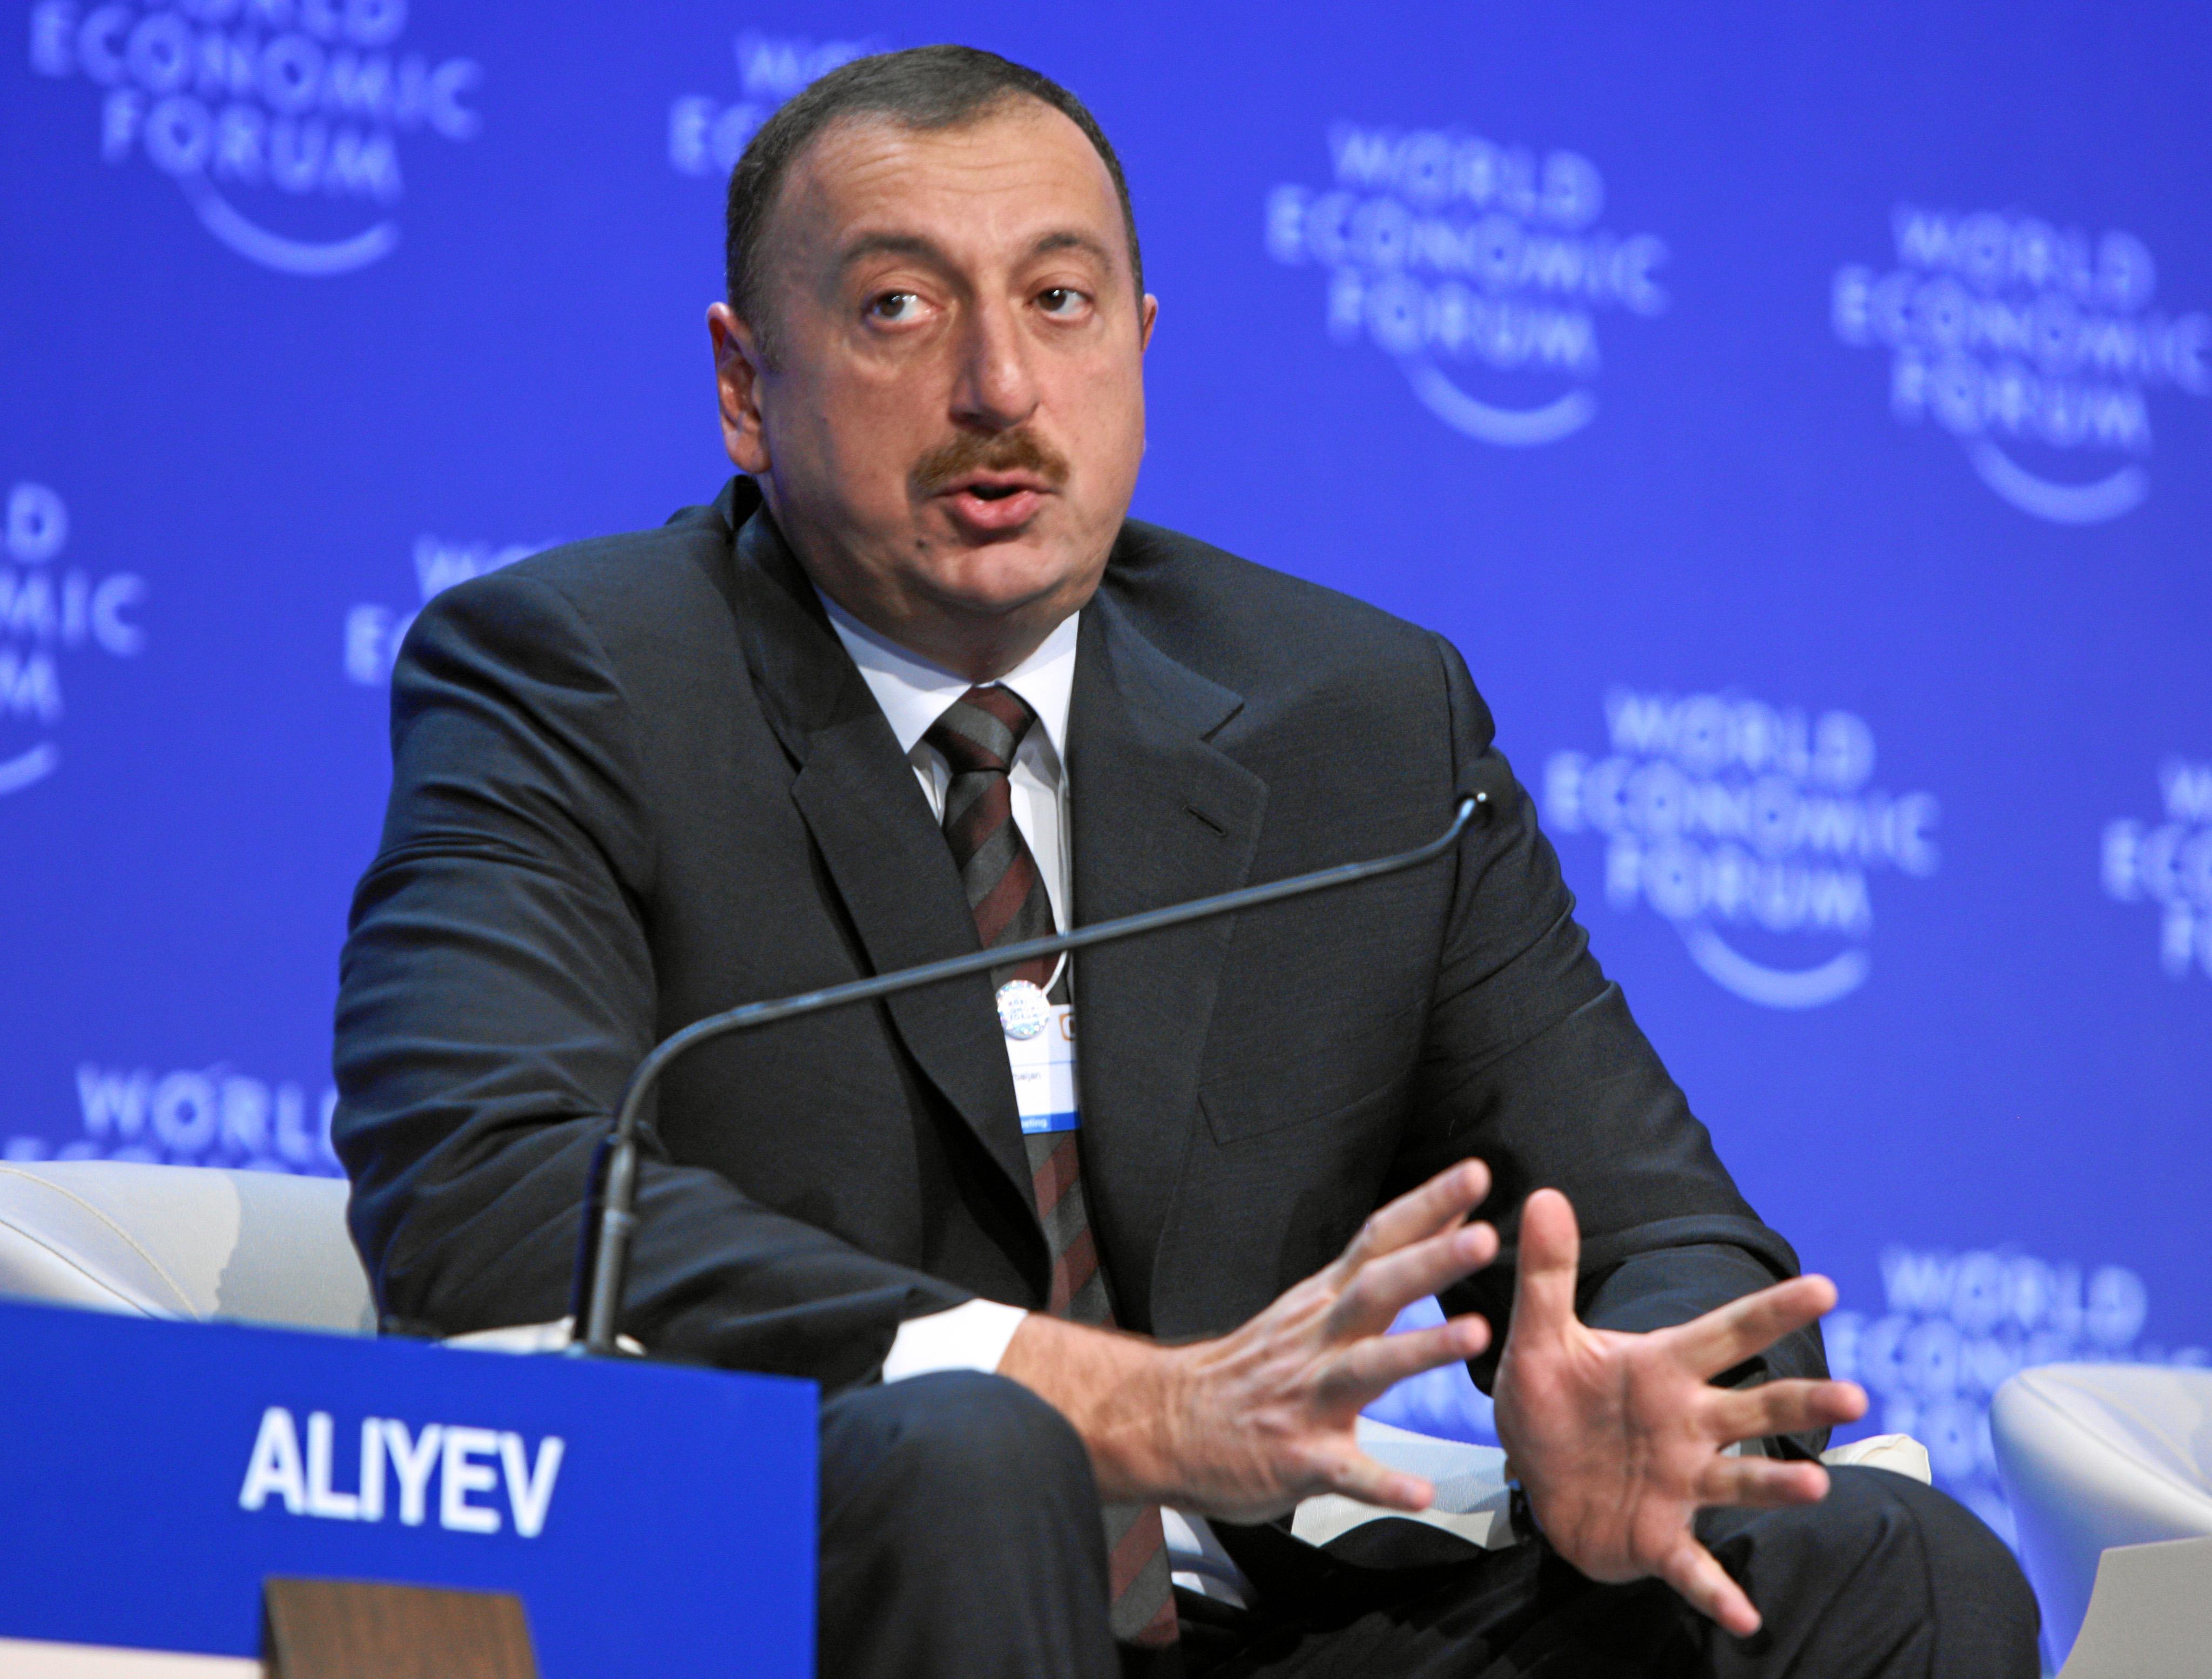 Energy Outlook 2009: Aliyev